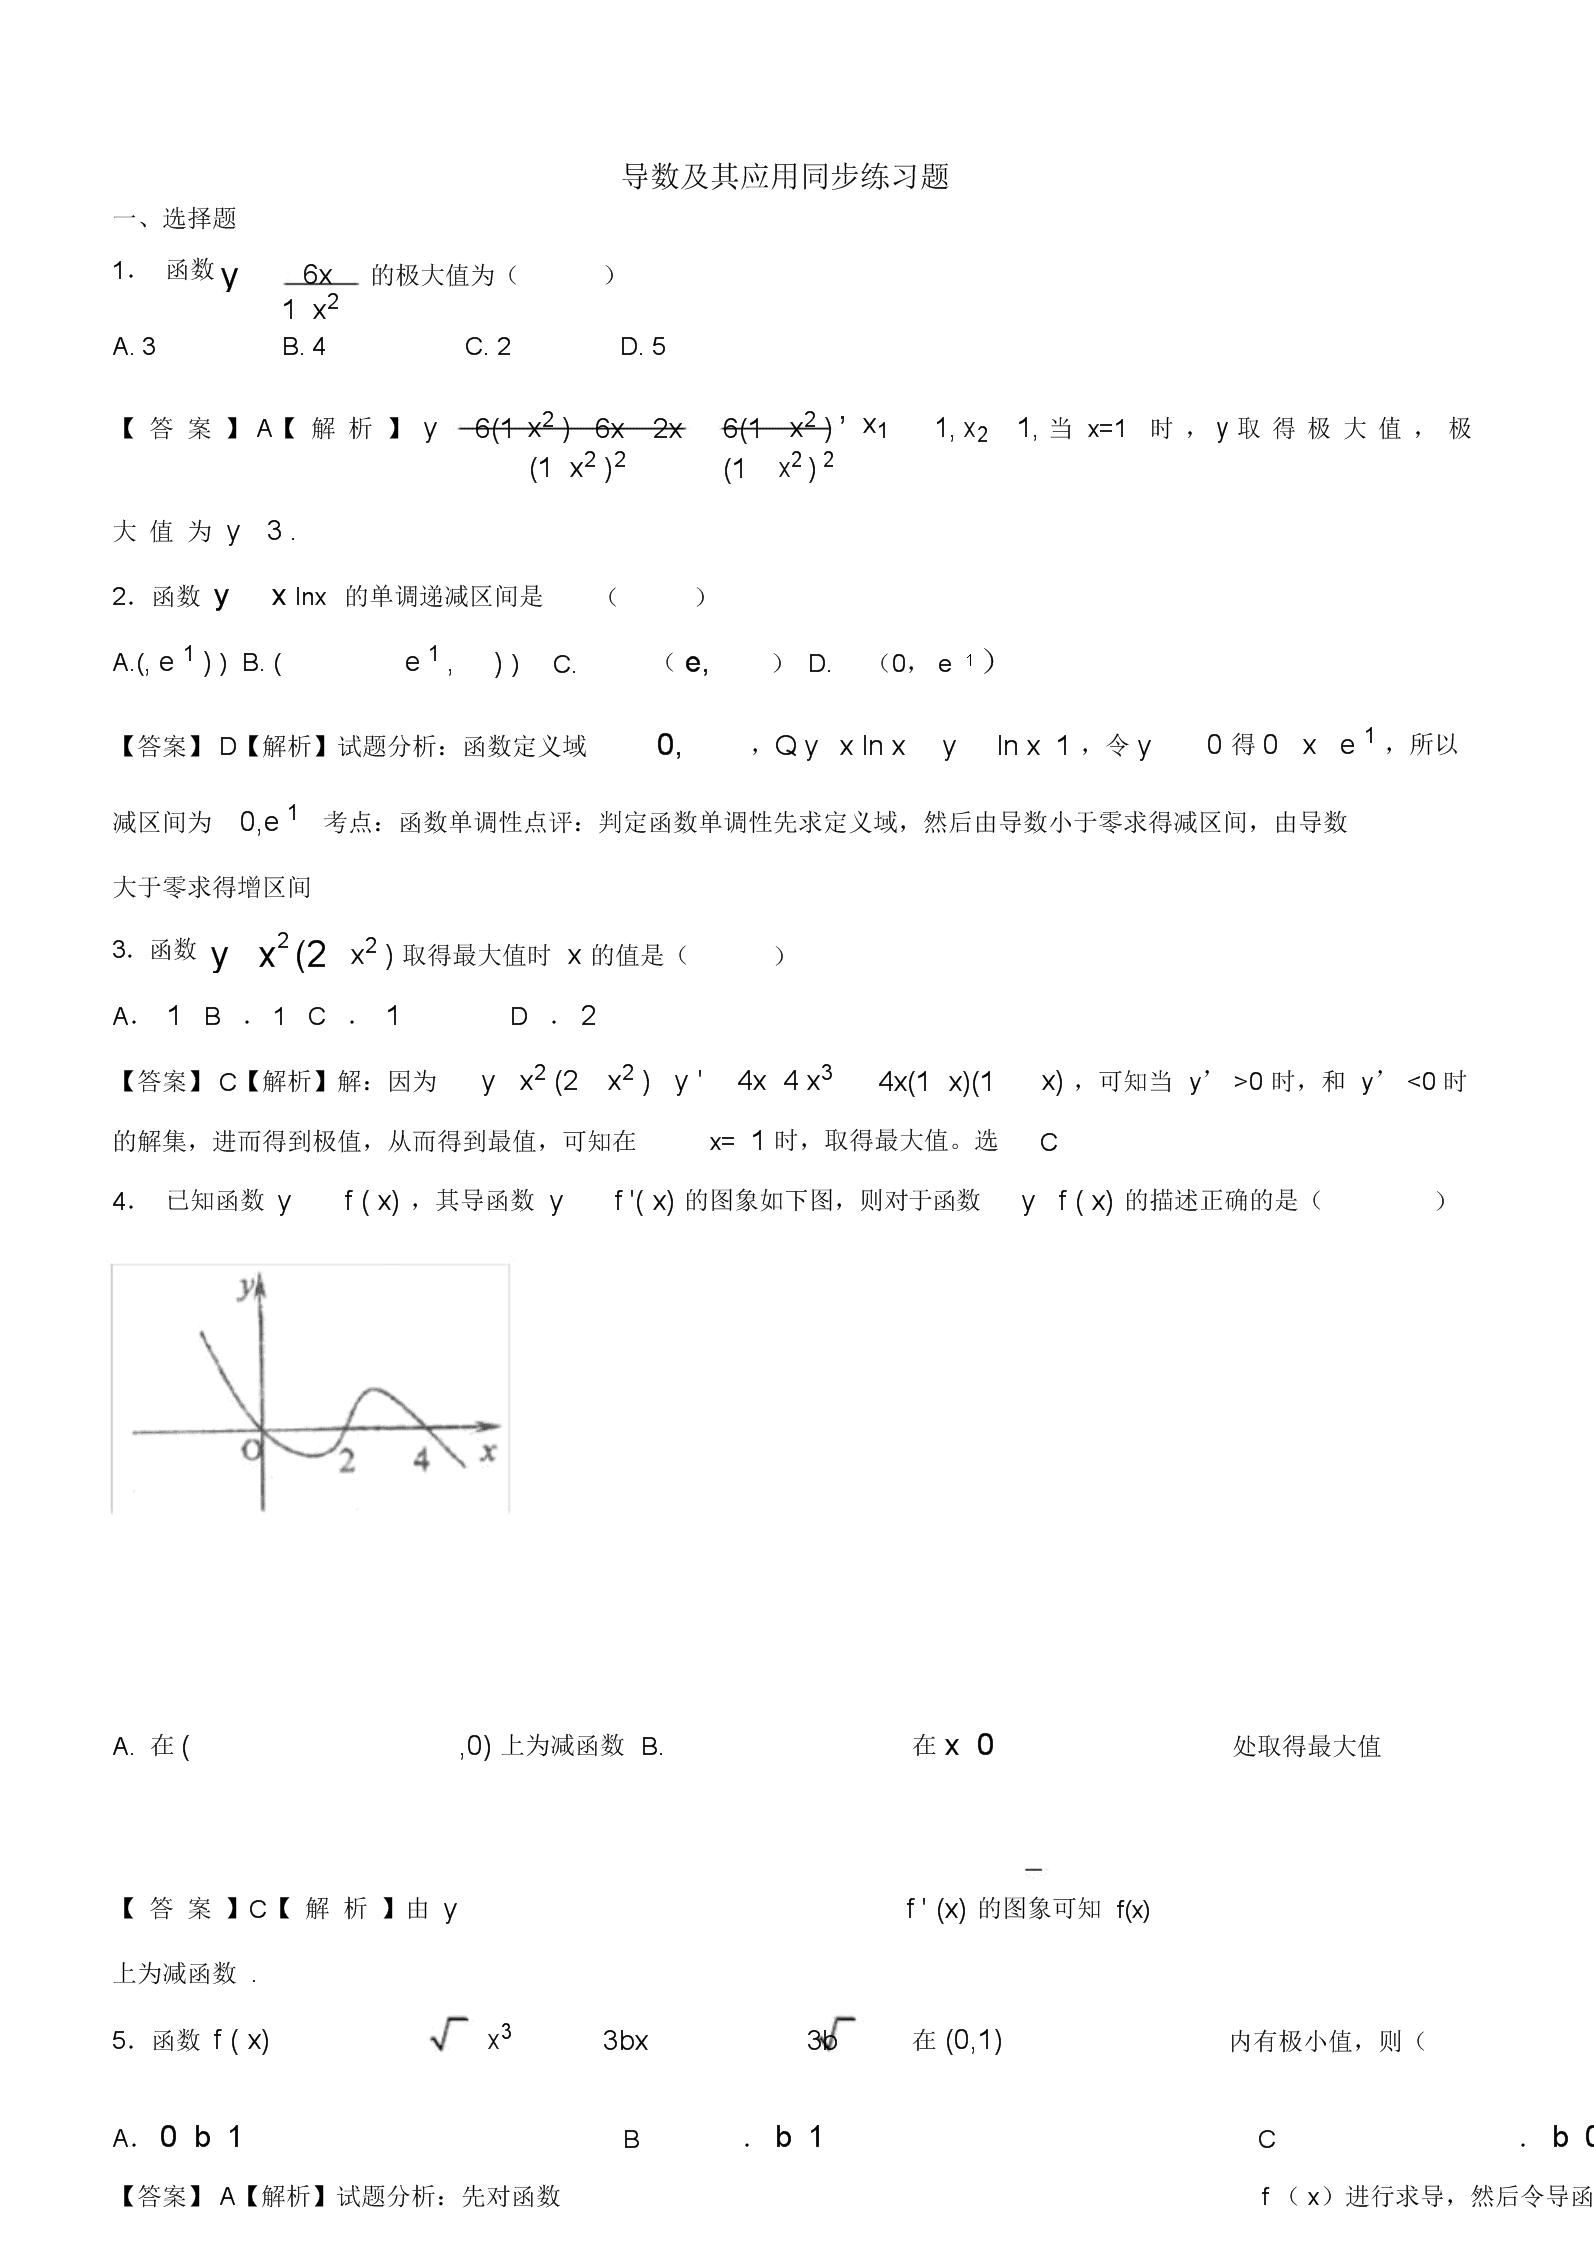 (完整版)导数及其应用同步练习题(教师版).docx